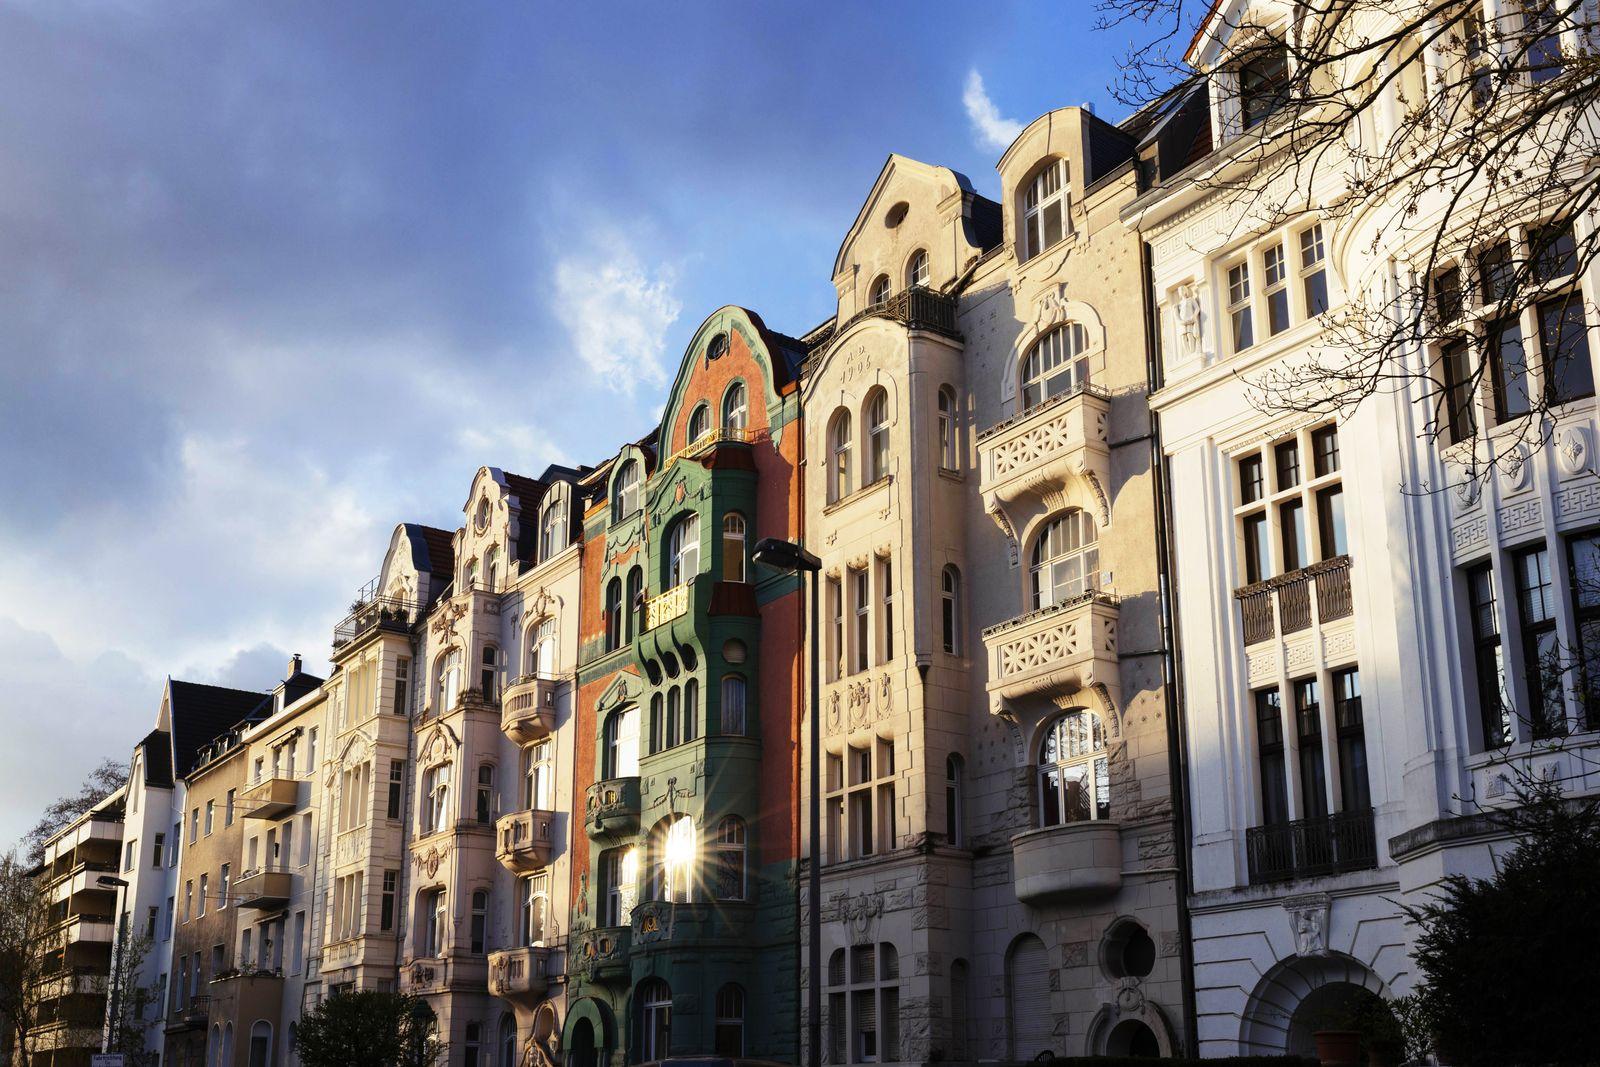 EINMALIGE VERWENDUNG Miete / Miet-Wohnungen / Immobilien / Wohnungen / Wohnungsbau / Mieten / Mieter